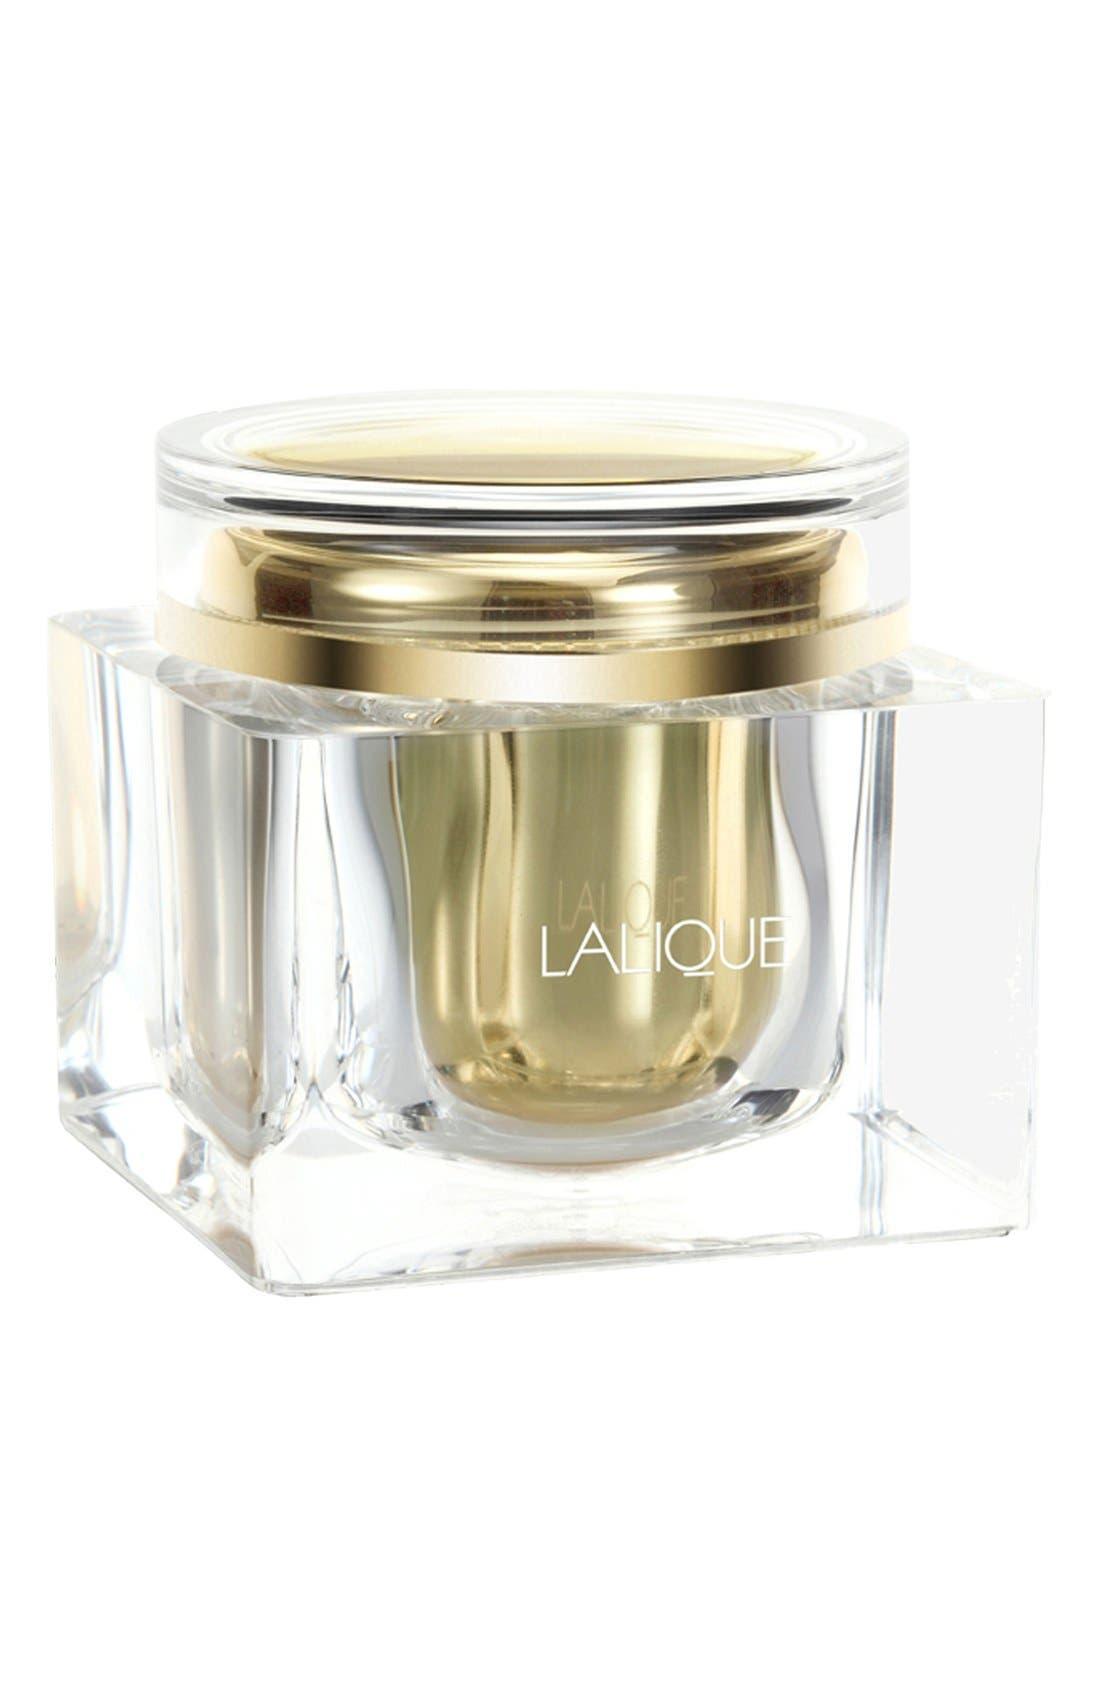 'Lalique de Lalique' Body Crème,                             Main thumbnail 1, color,                             NO COLOR